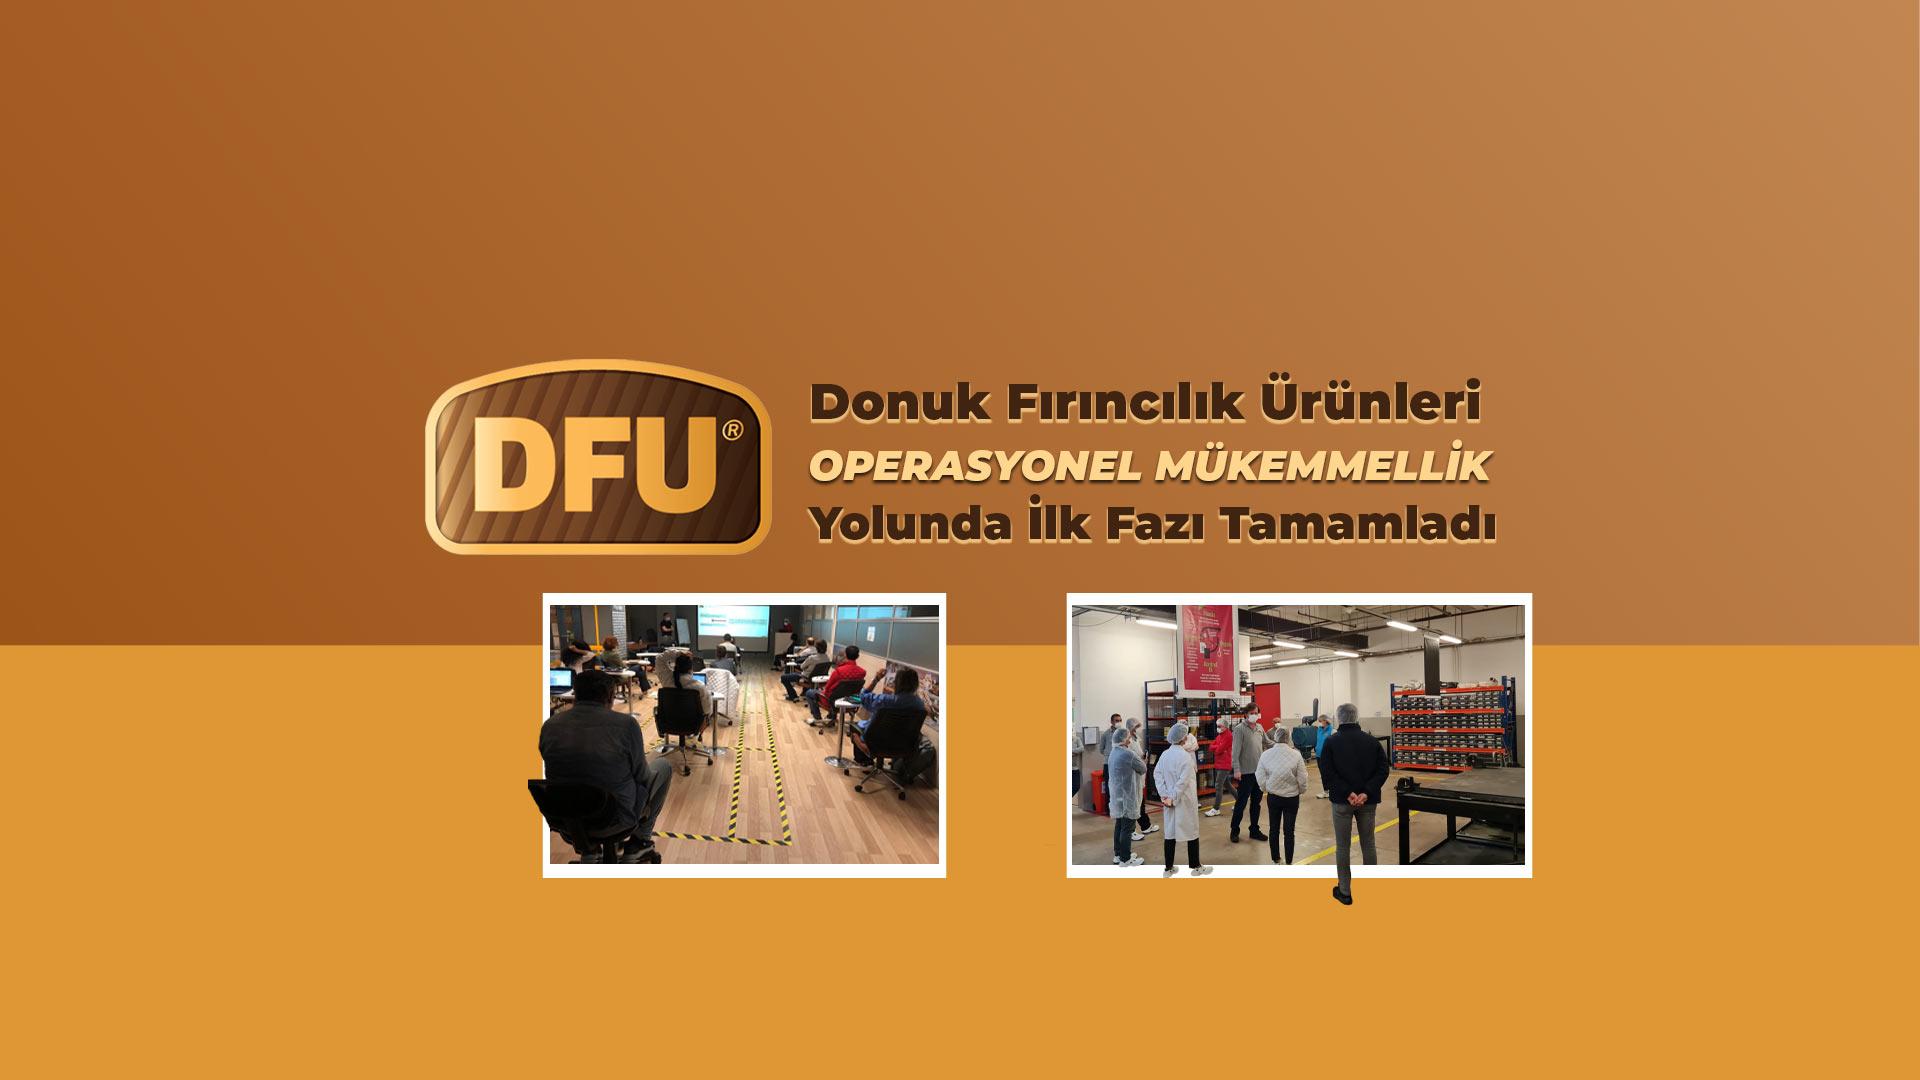 DFU FIRINCILIK ÜRÜNLERİ